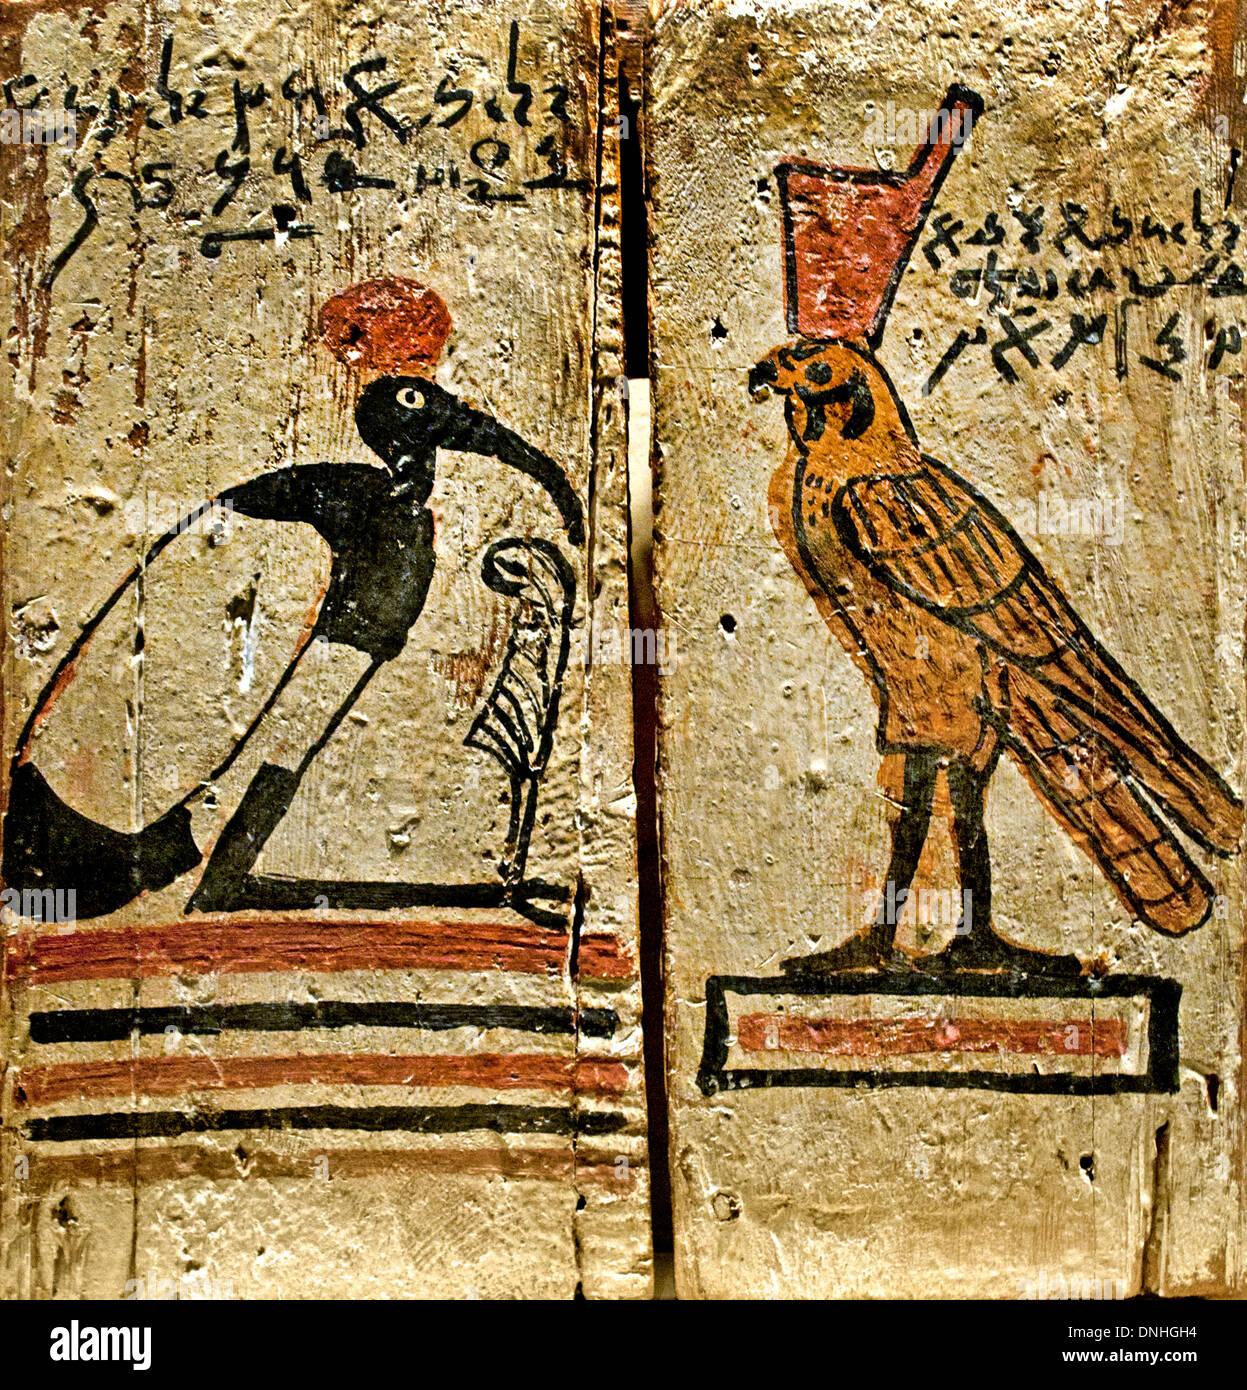 Las puertas de un santuario sagrado teniendo una bendición en demótica script 100-200 AD Egipto Egipto romano Imagen De Stock